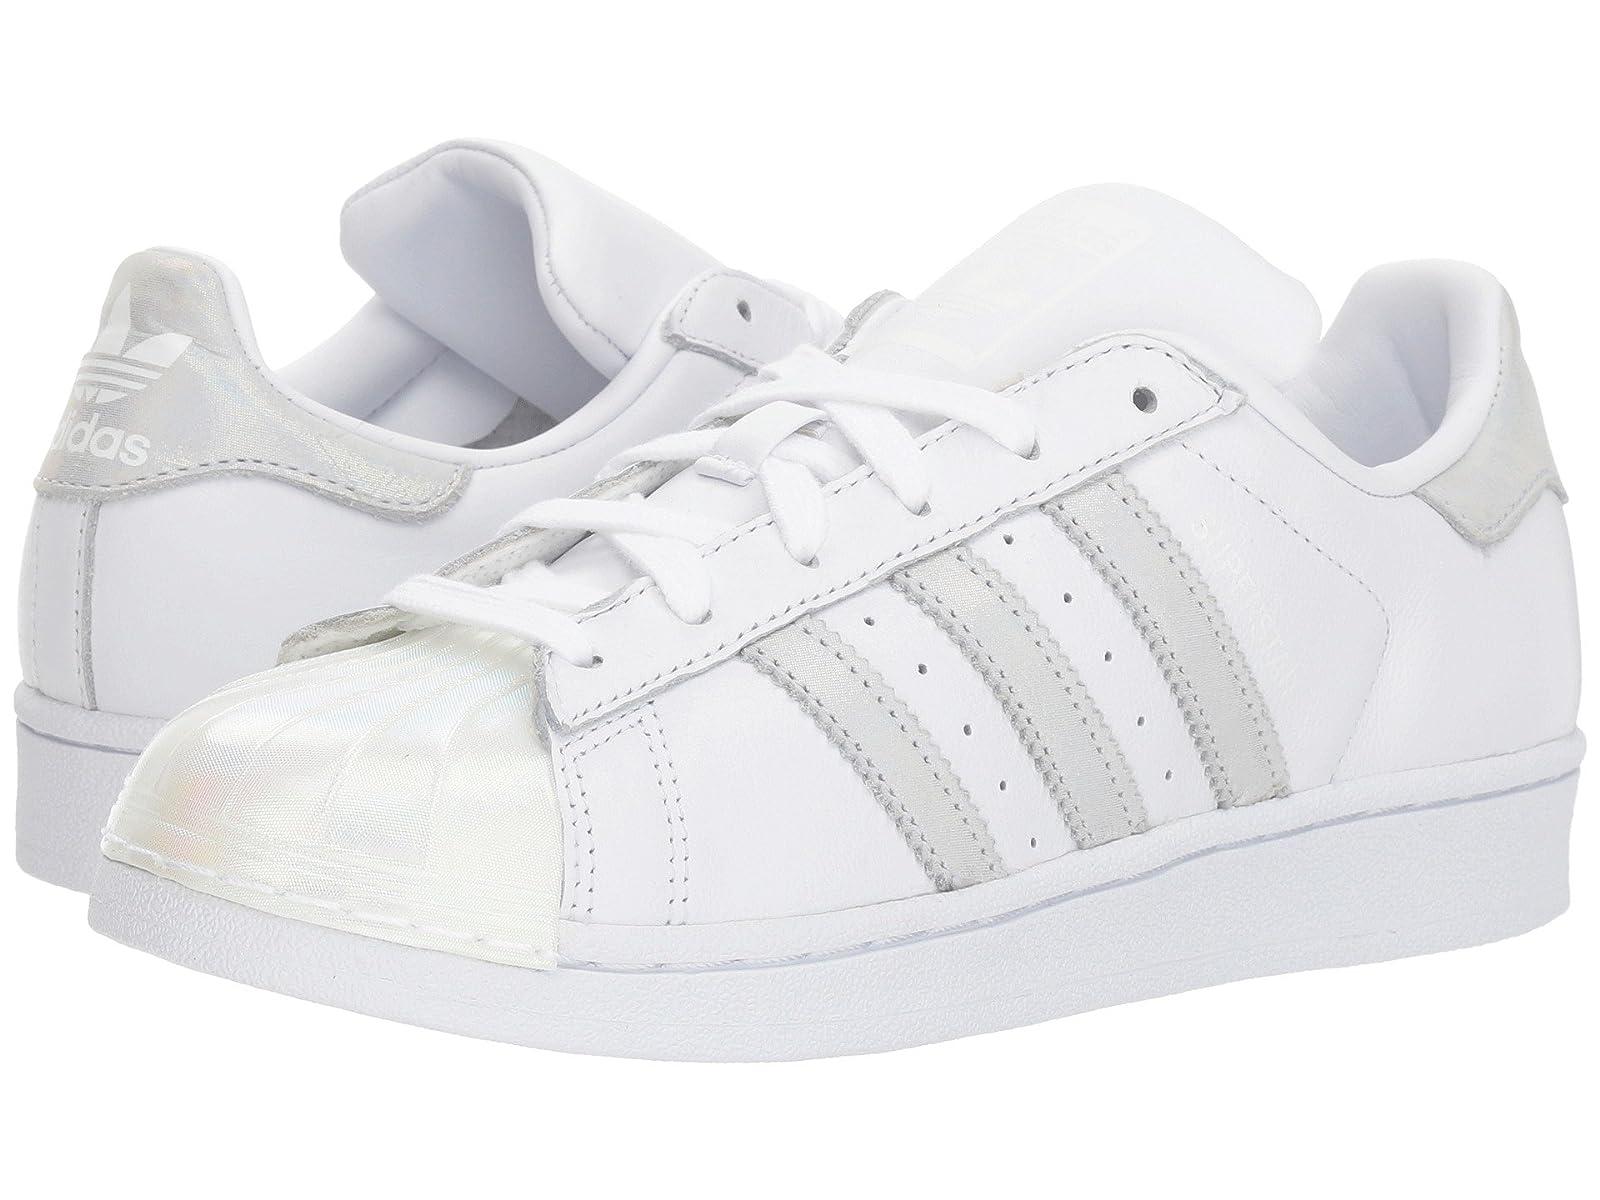 adidas Originals Kids Superstar (Big Kid)Atmospheric grades have affordable shoes